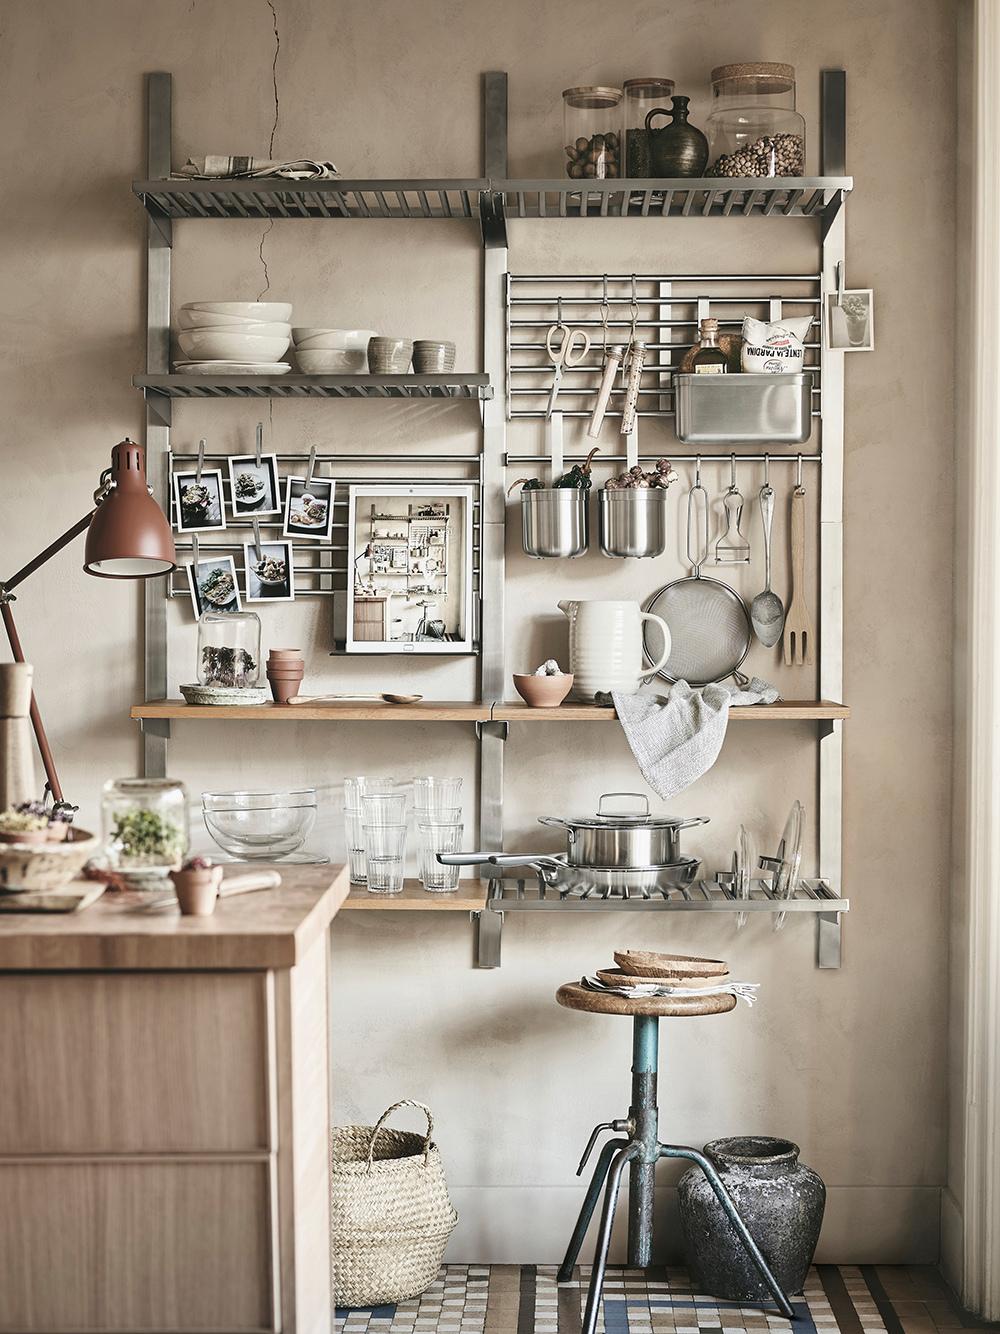 Full Size of Ikea Hacks Küche Aufbewahrung Küche Aufbewahrung Vintage Küche Aufbewahrung Hängend Küche Aufbewahrung Edelstahl Küche Küche Aufbewahrung